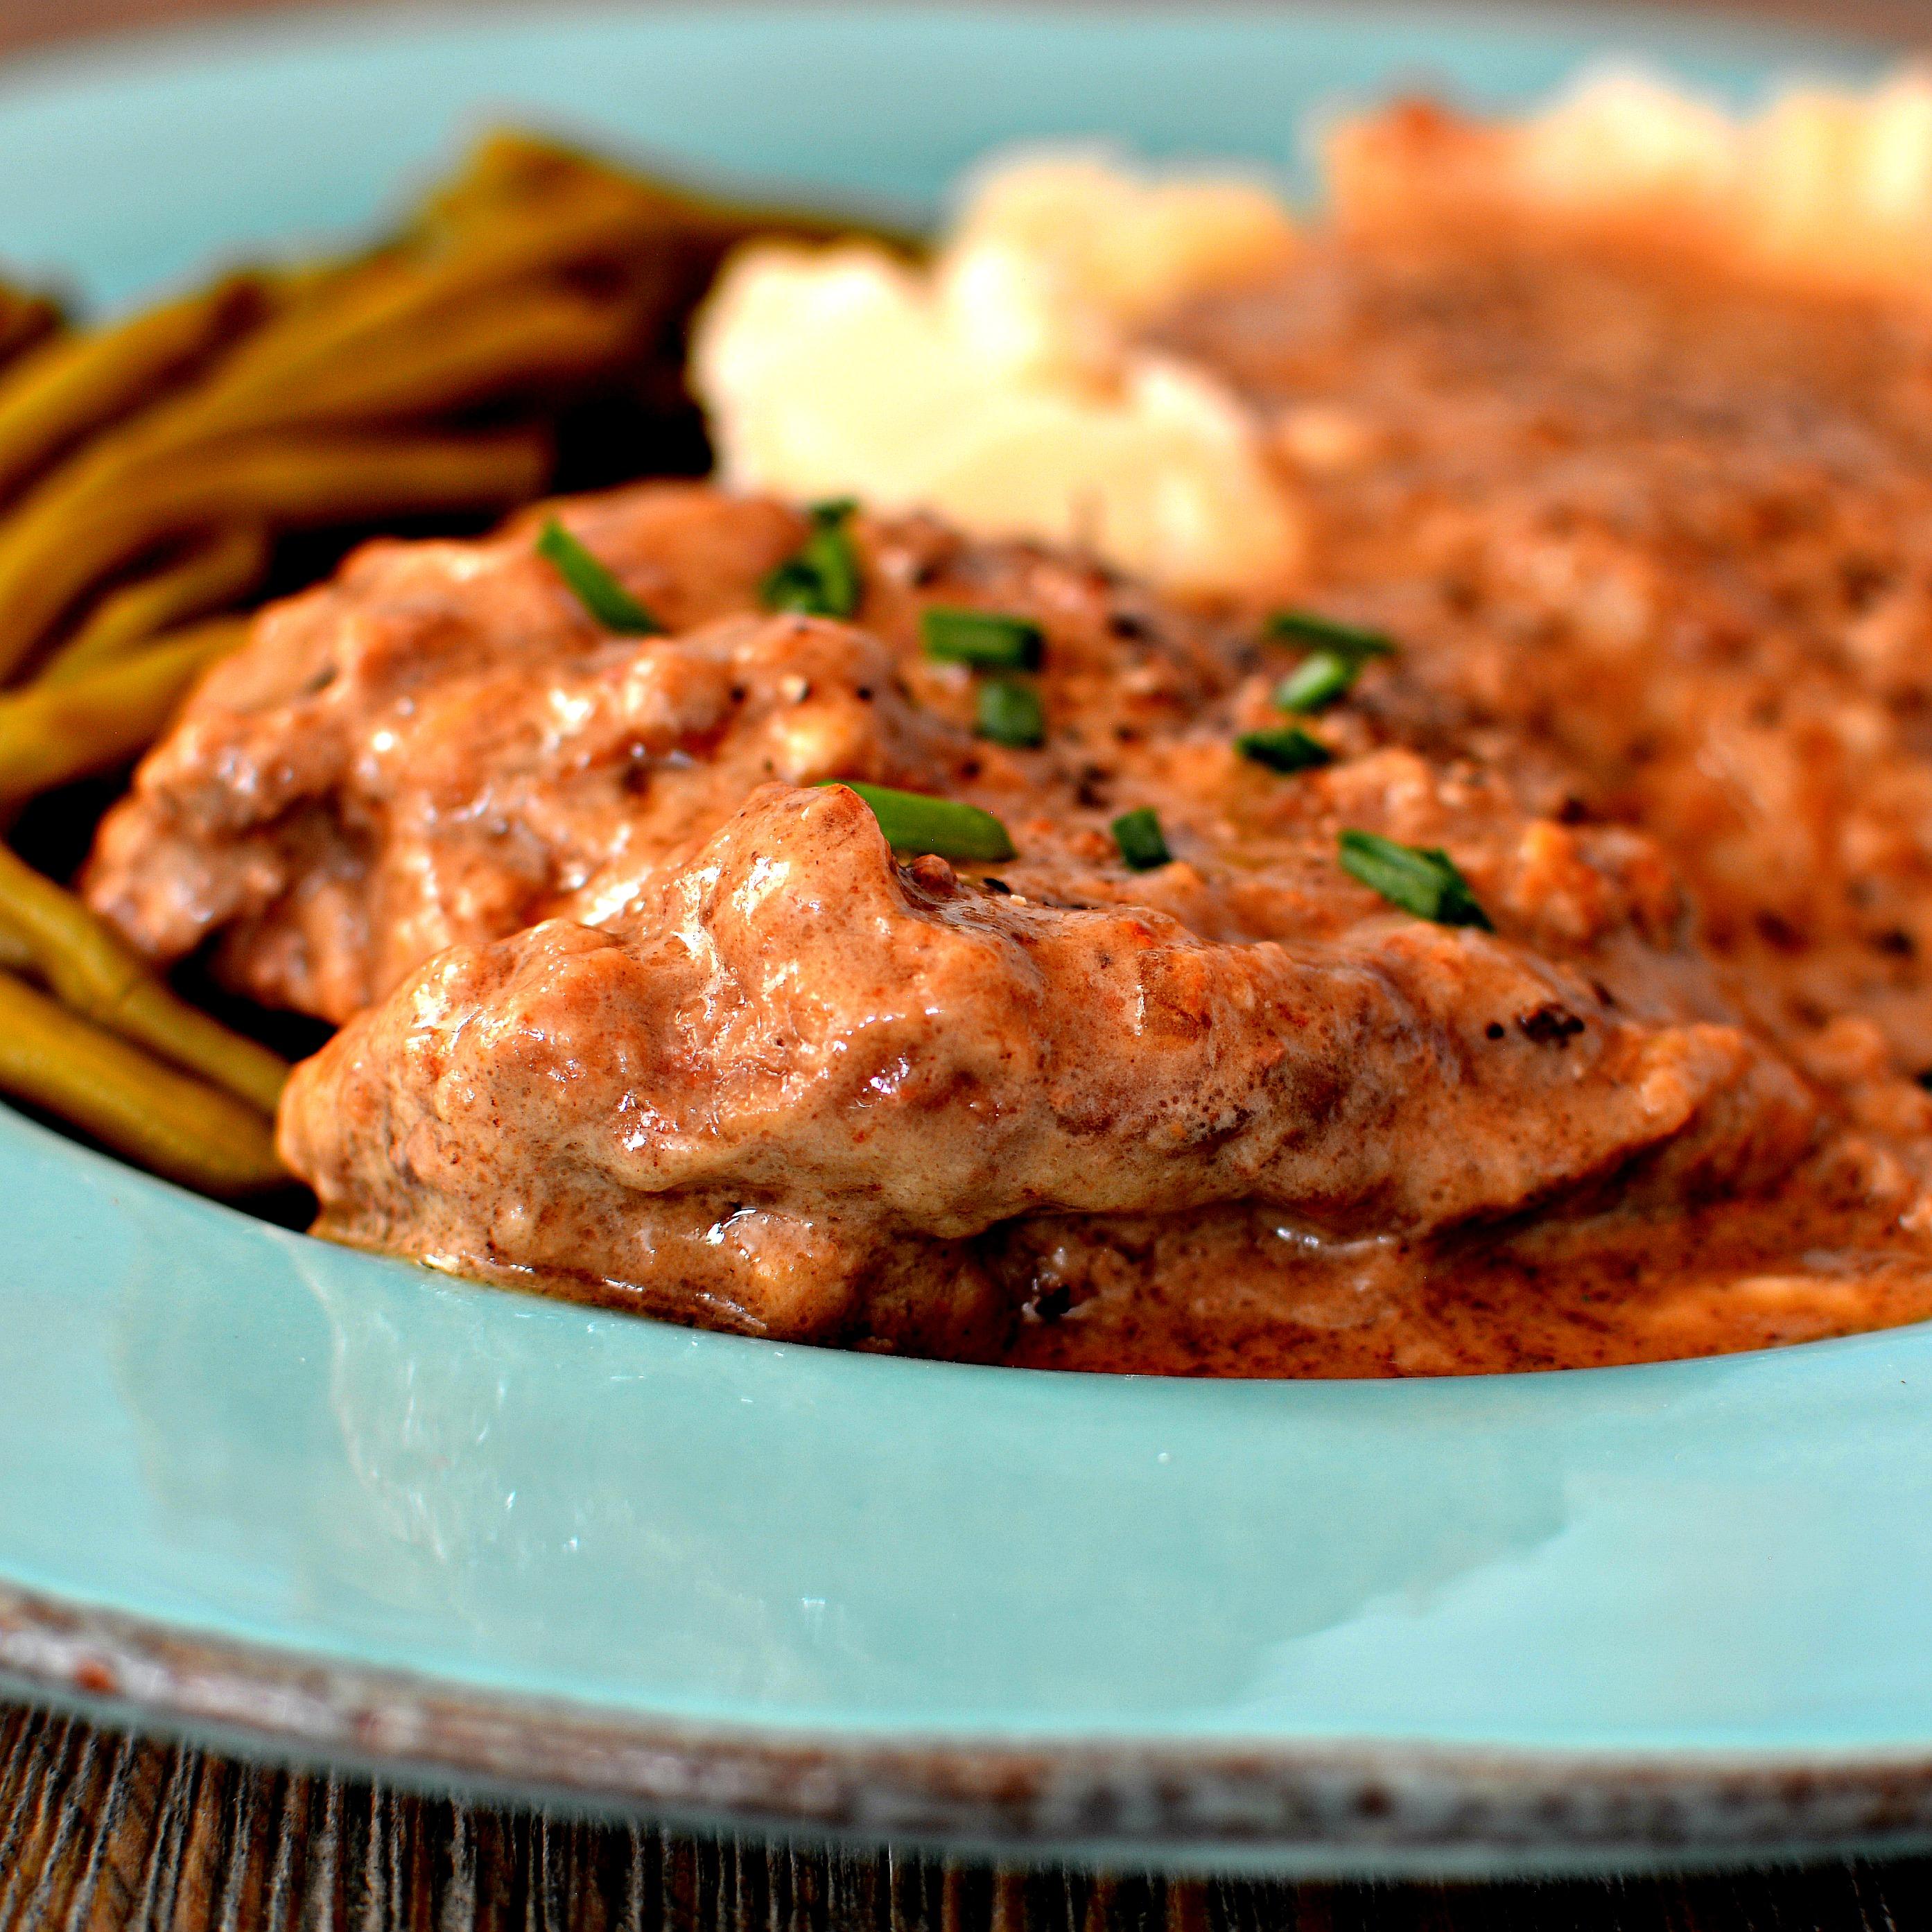 Round Steak and Gravy